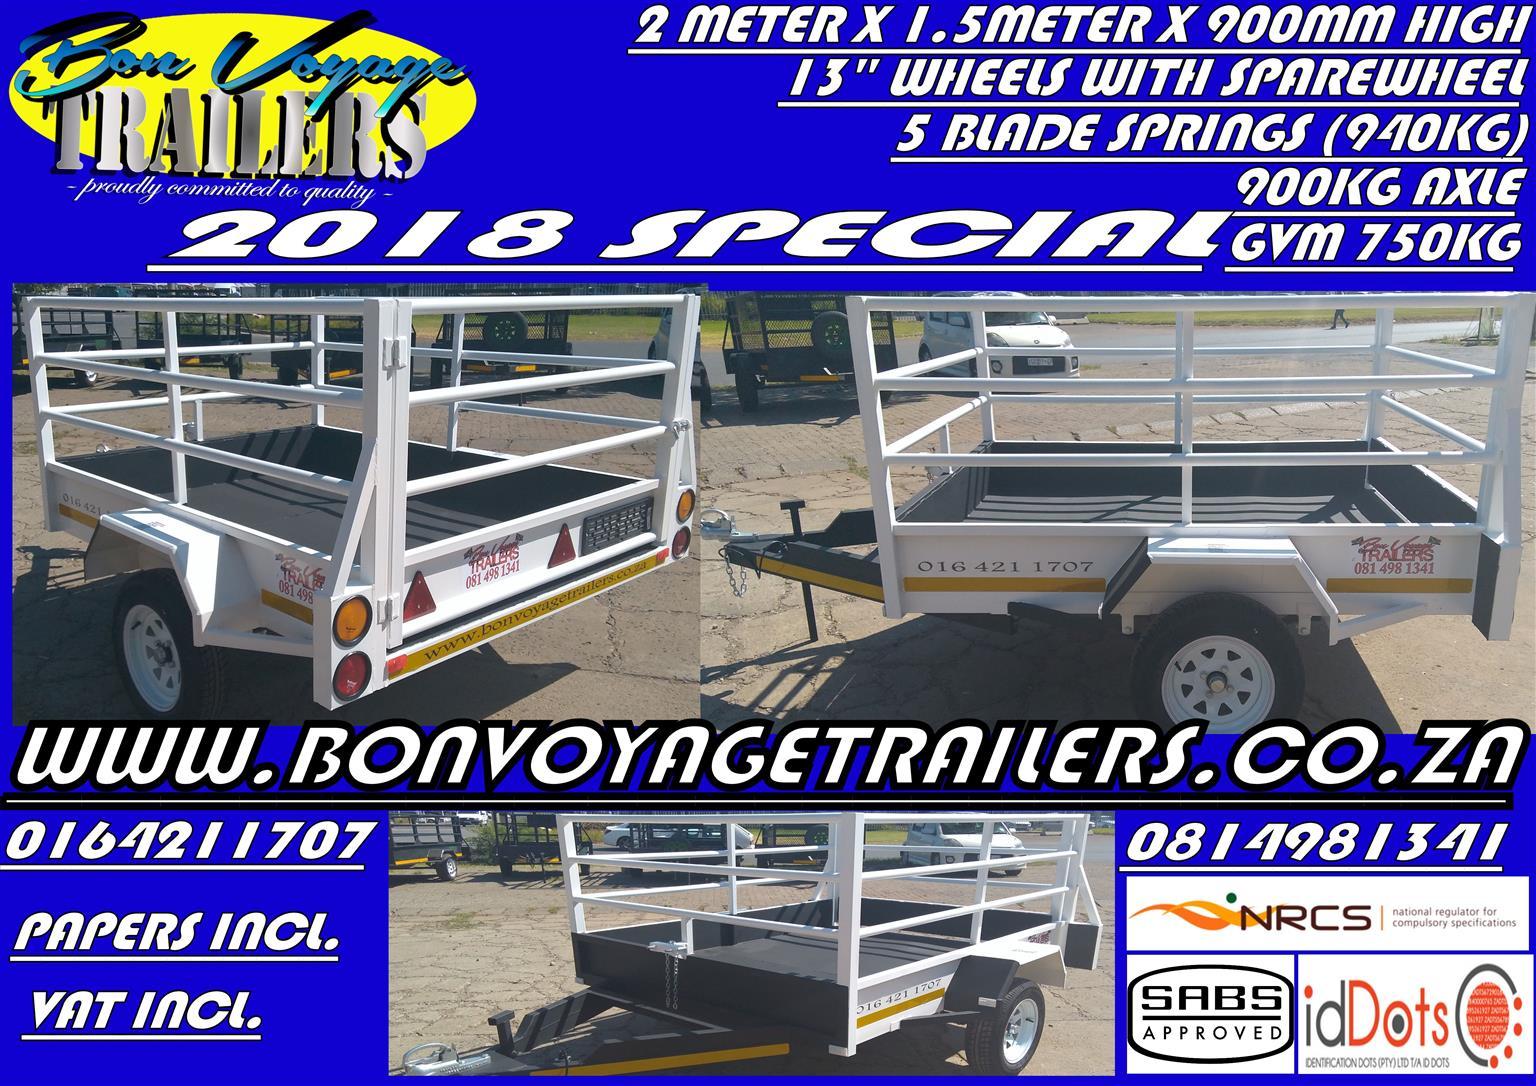 2 meter trailers